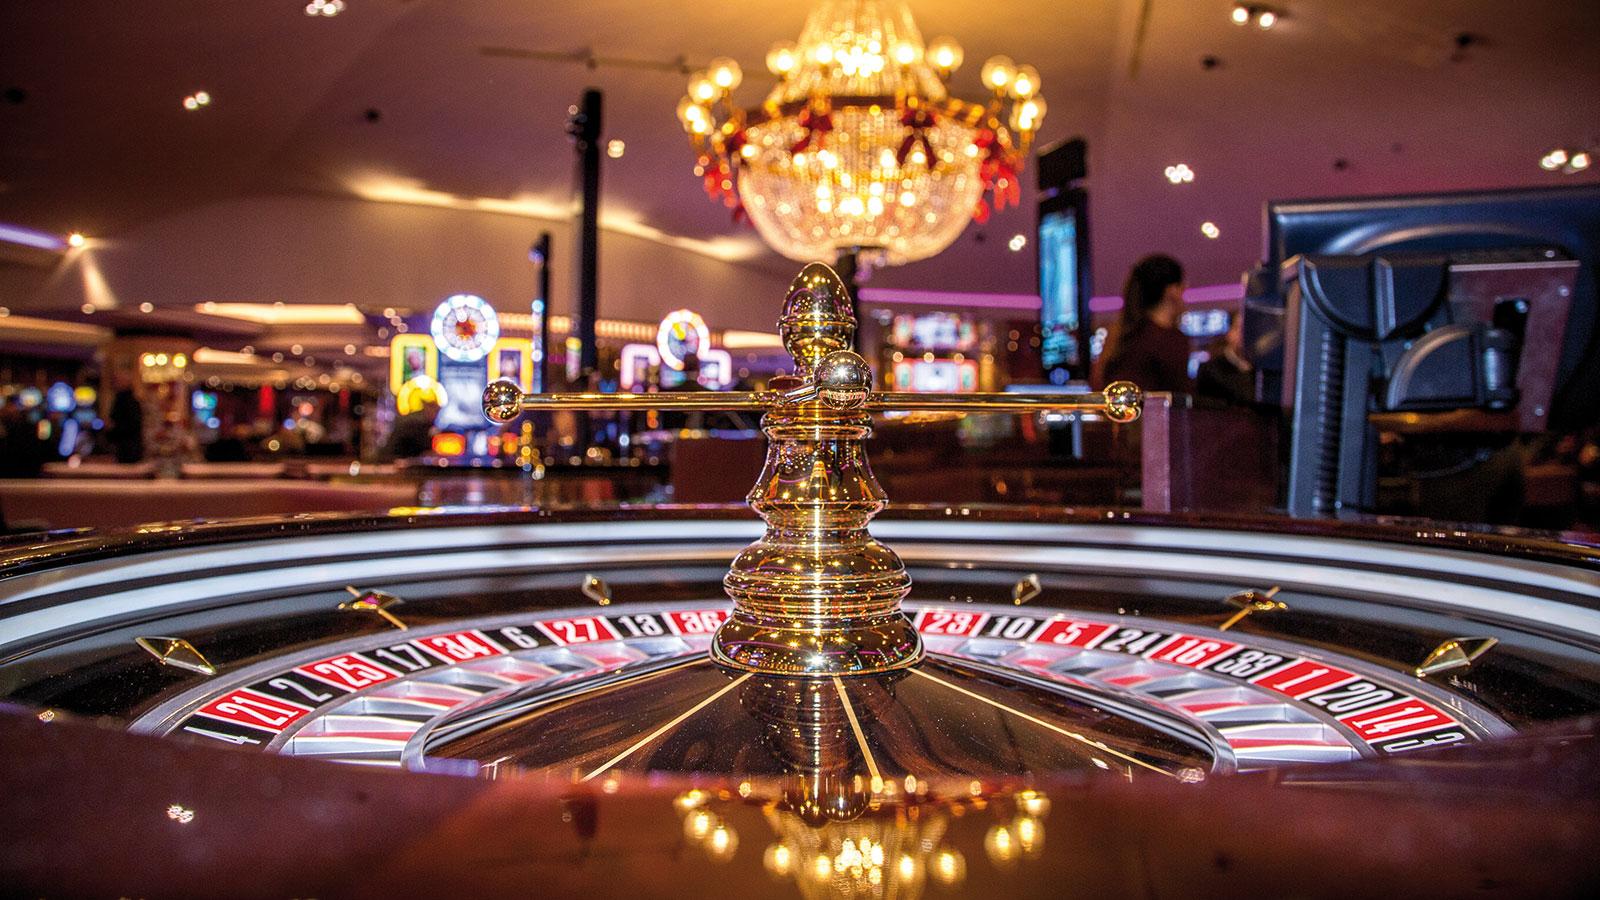 SBM-Sun-Casino-@-SBM-Philip-Ducap-sbm_sc_gambling_room_0009_1